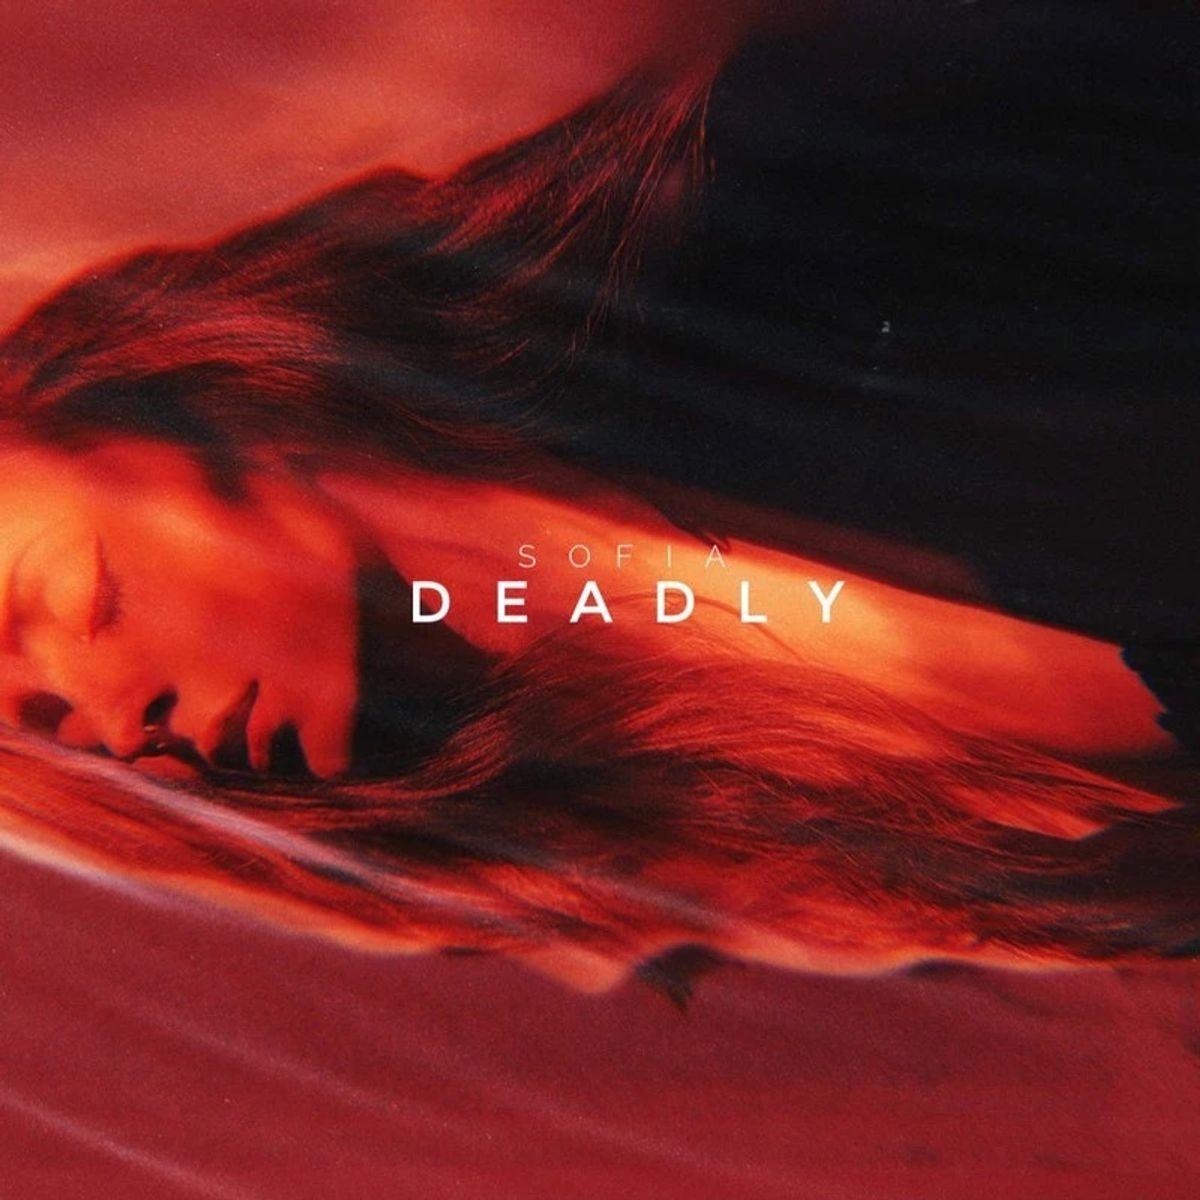 Sofia - Deadly